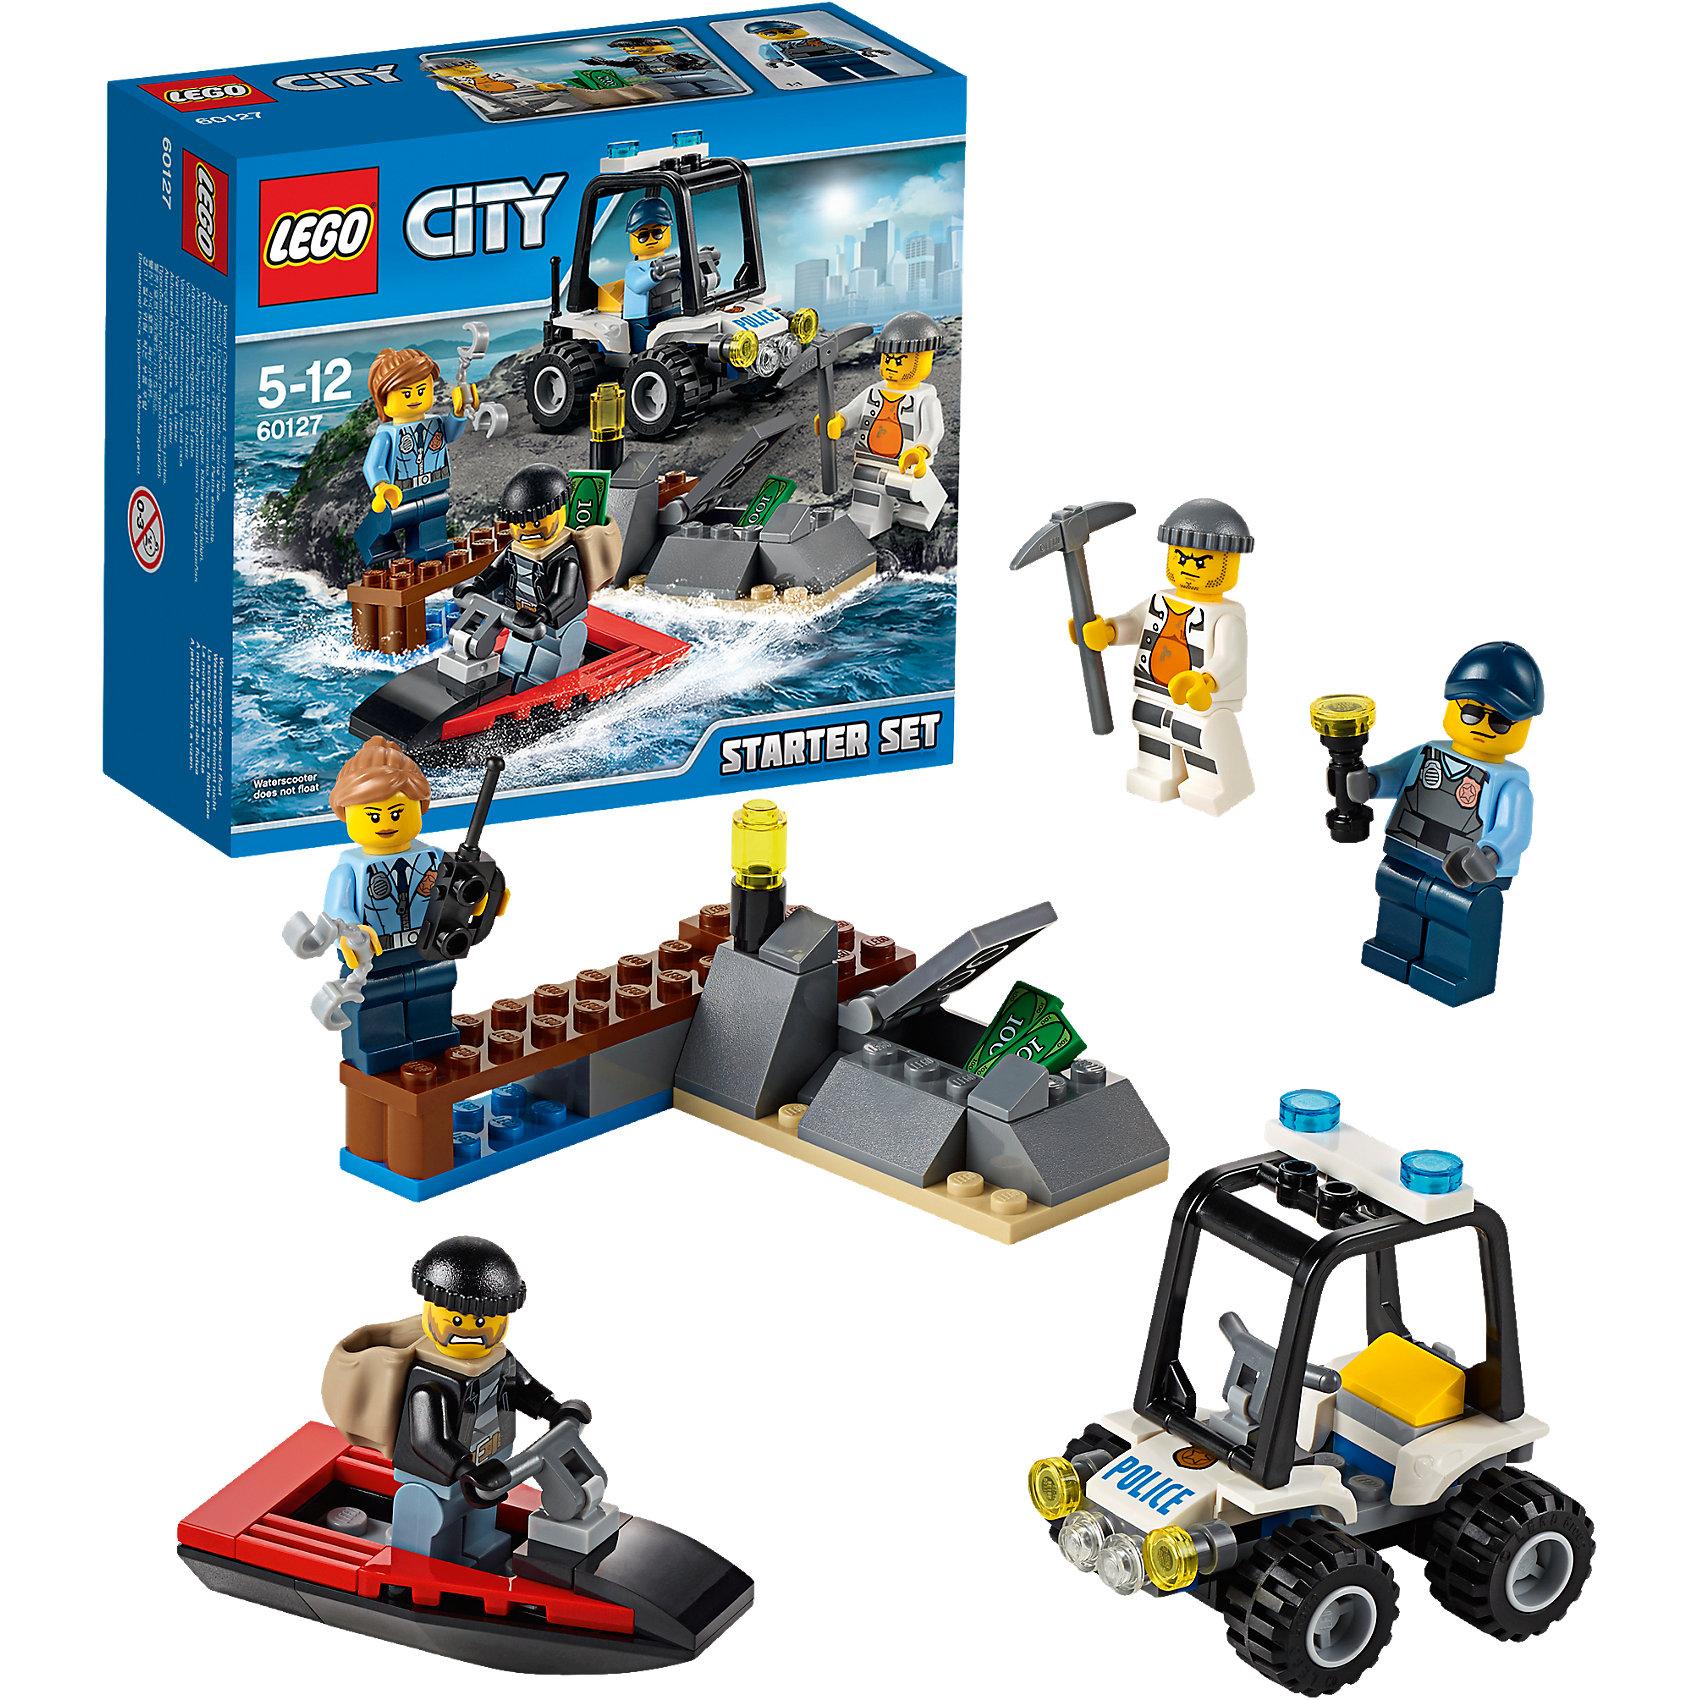 LEGO LEGO City 60127: Набор для начинающих «Остров-тюрьма» lego lego city 60106 набор для начинающих пожарная охрана